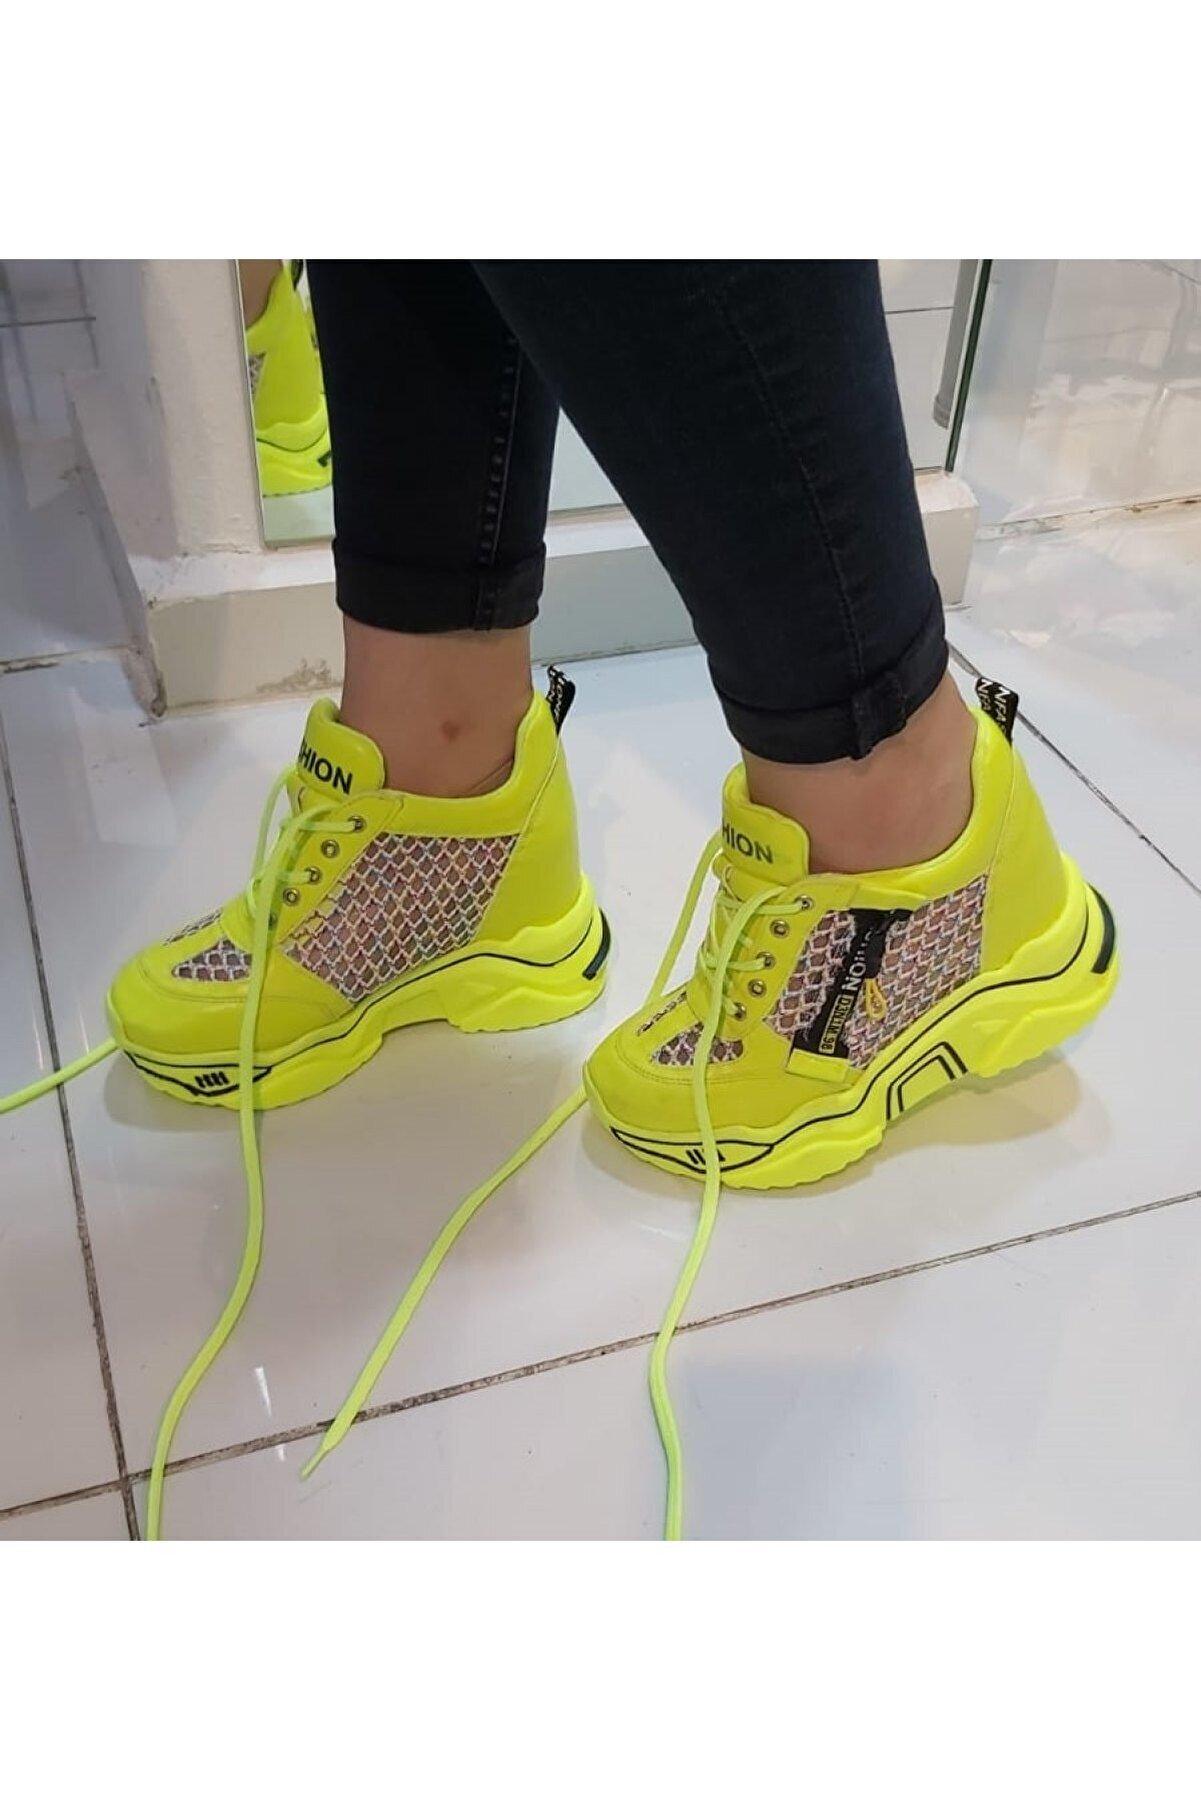 CassidoShoes Anatomik Dolgu Taban Neon Sarı Kadın Spor Ayakkabı